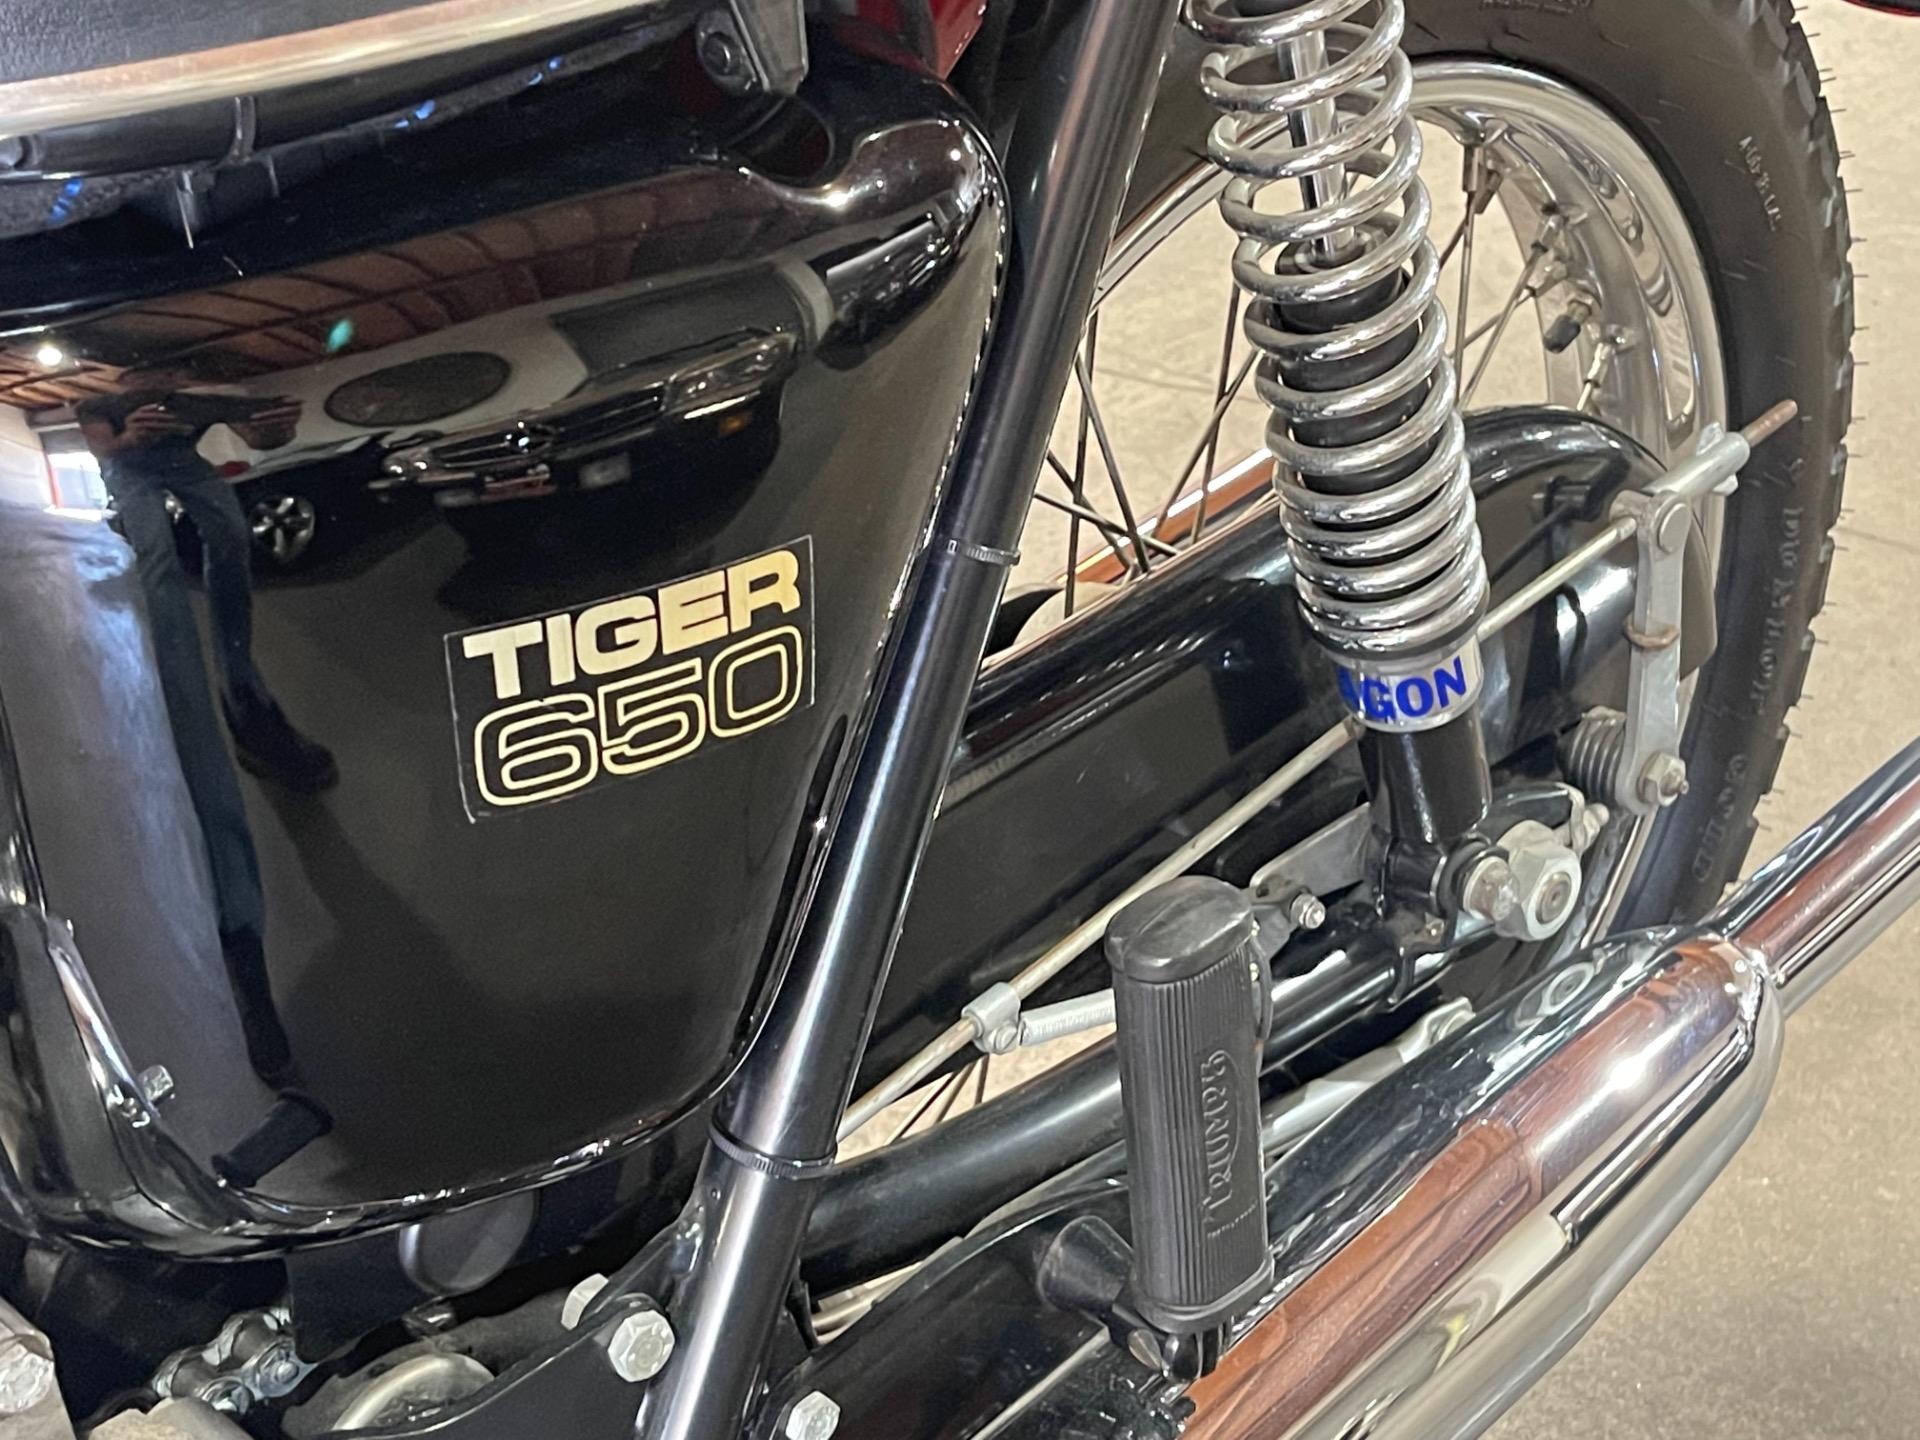 Used 1969 TRIUMPH TIGER